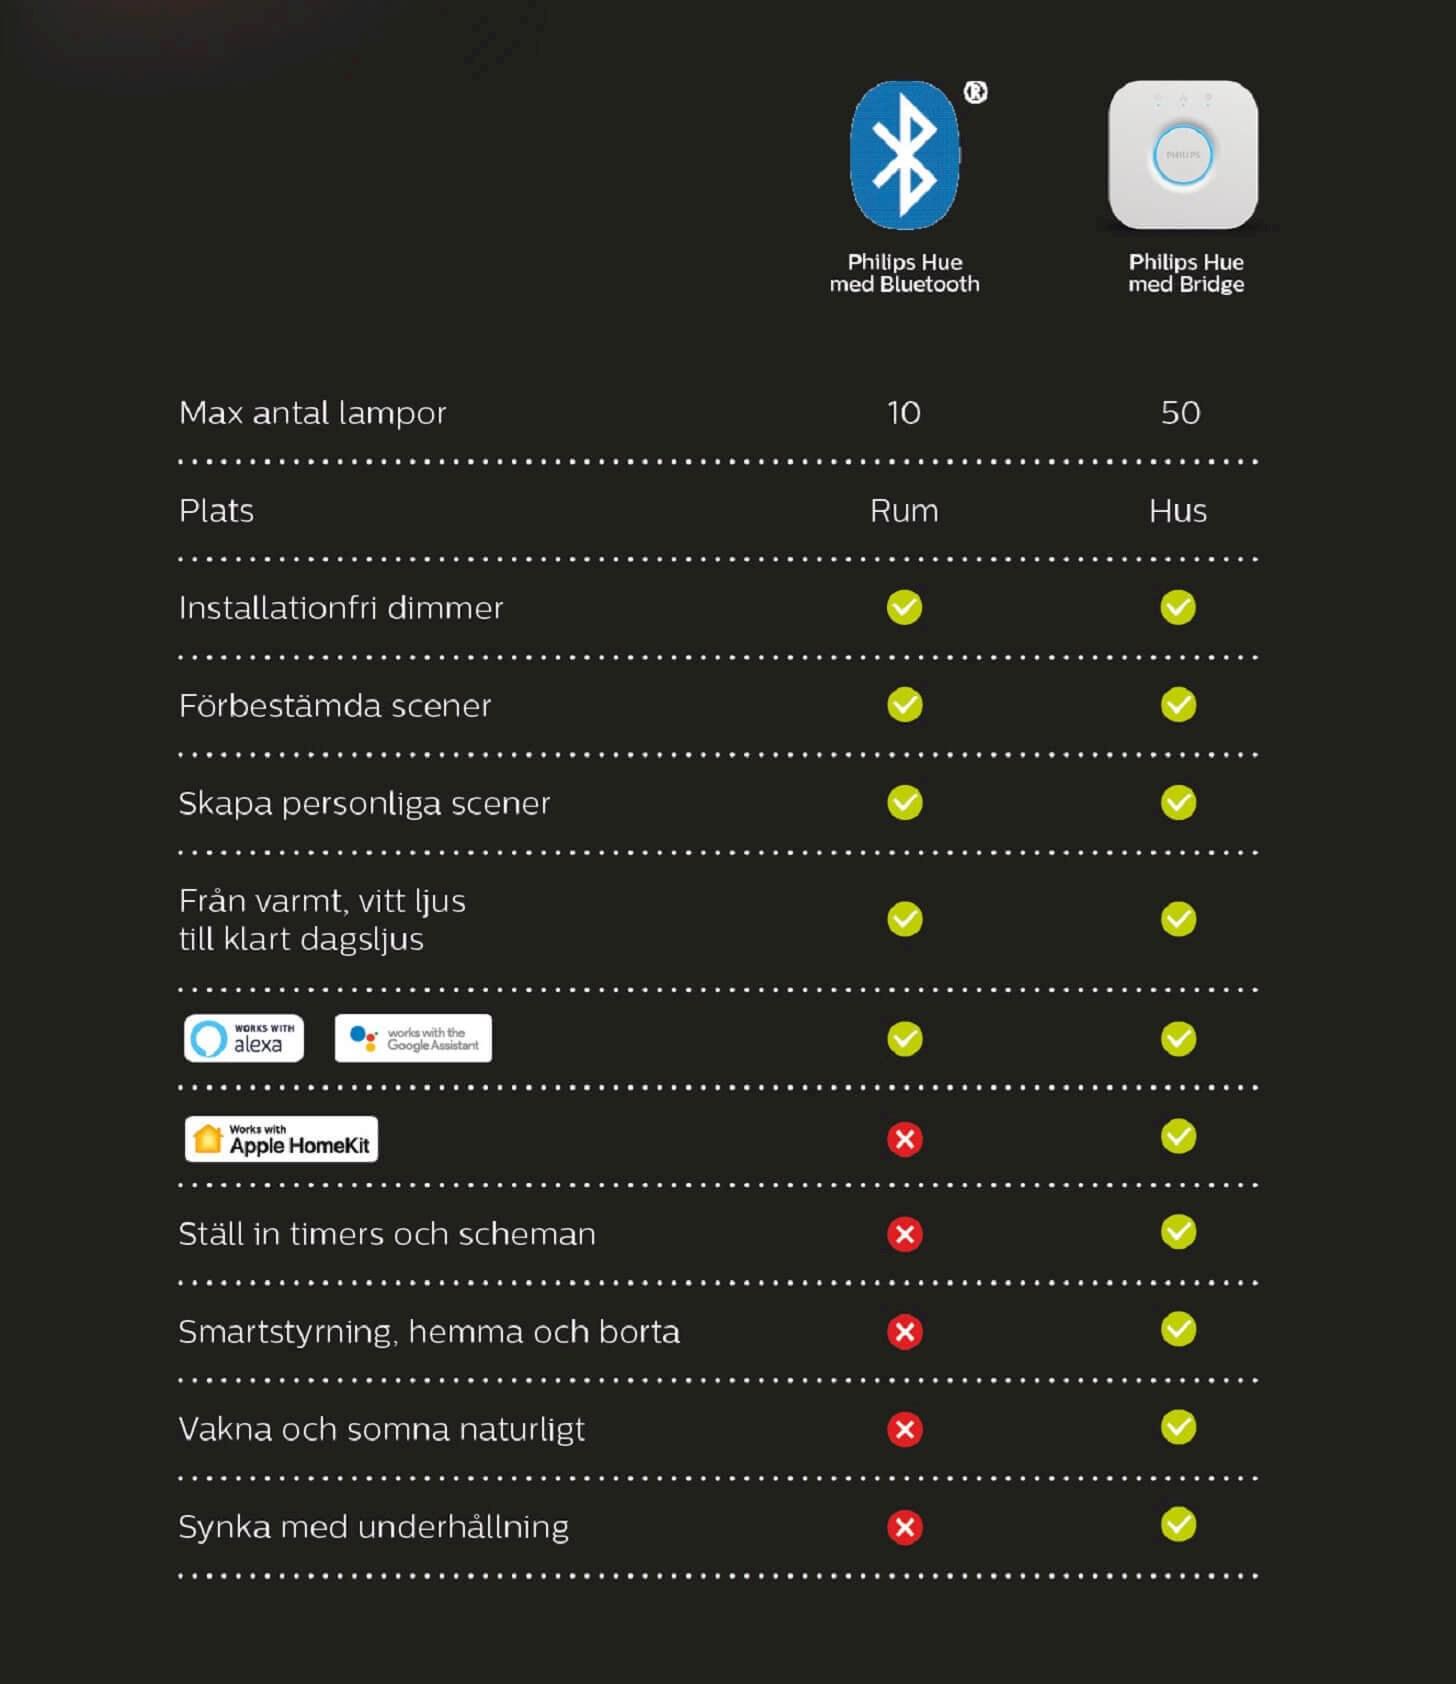 Jämförelse mellan Philips Hue med Bluetooth samt Philips Hue med Bridge